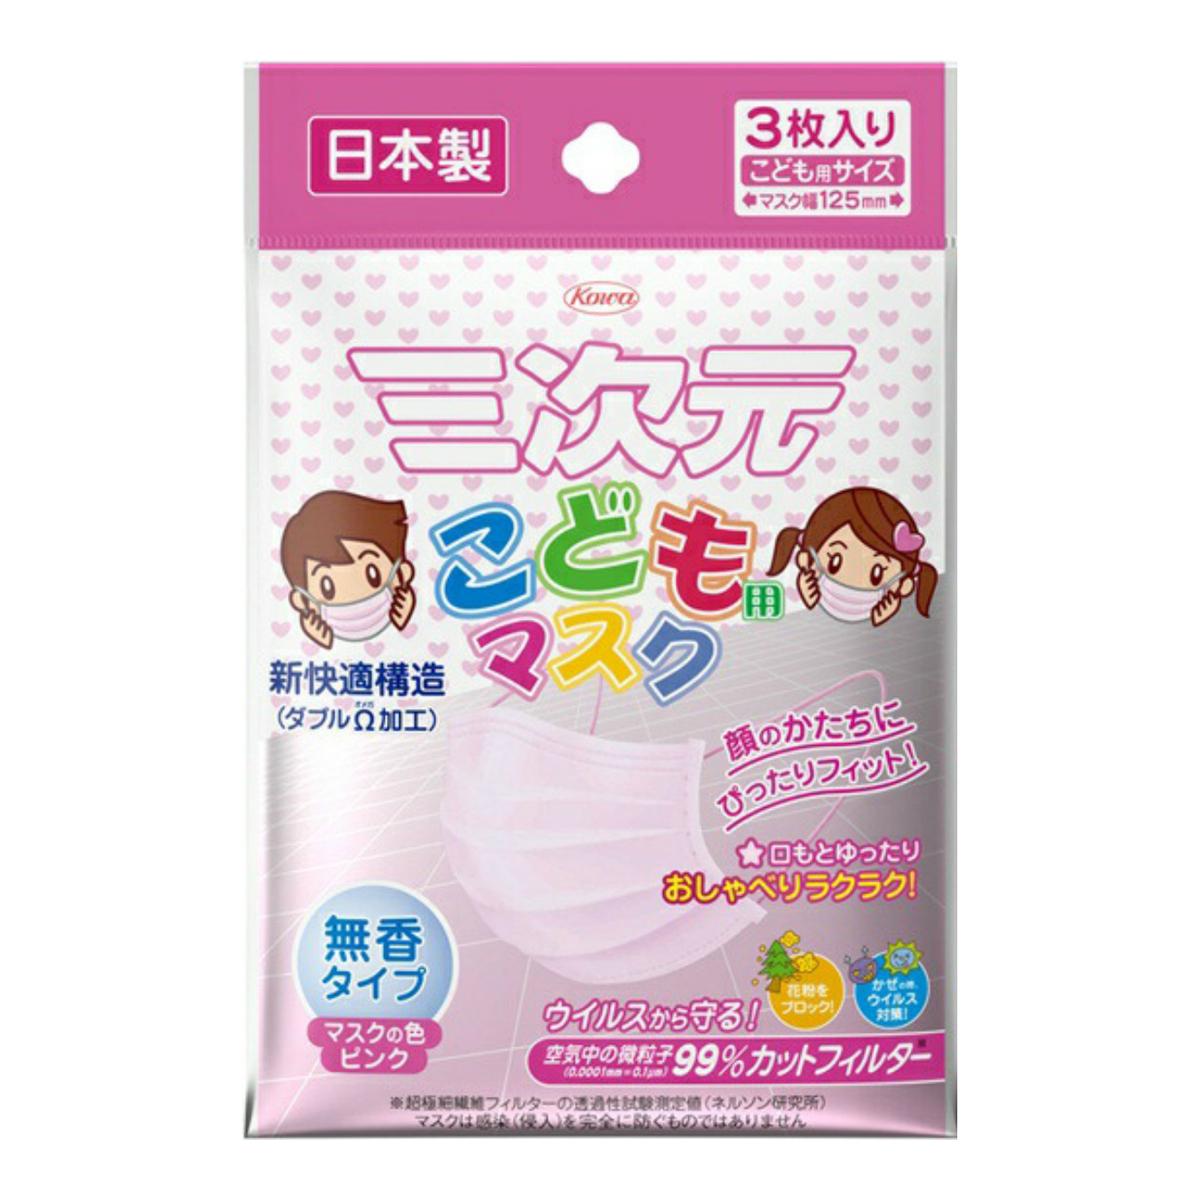 【送料無料】興和新薬 三次元マスク こども用 ピンク 3枚入り×200点セット 日本製 ( 4987067410705 )